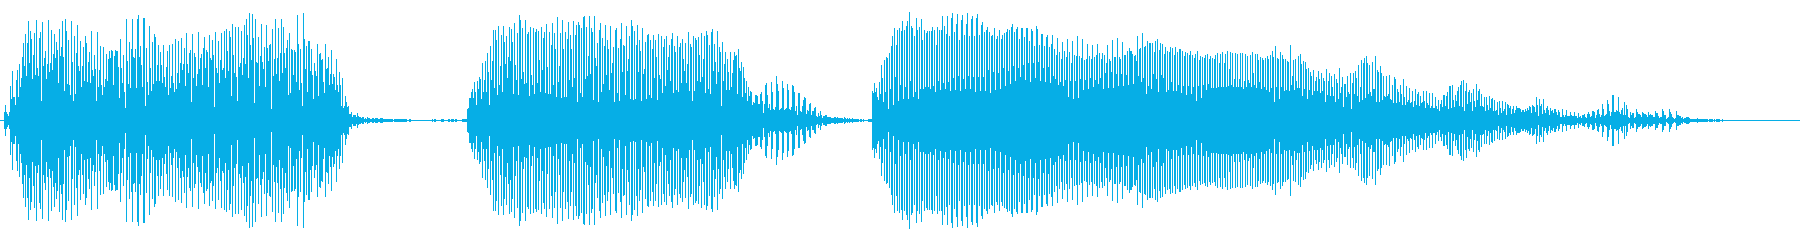 明るいトランペット上昇の再生済みの波形